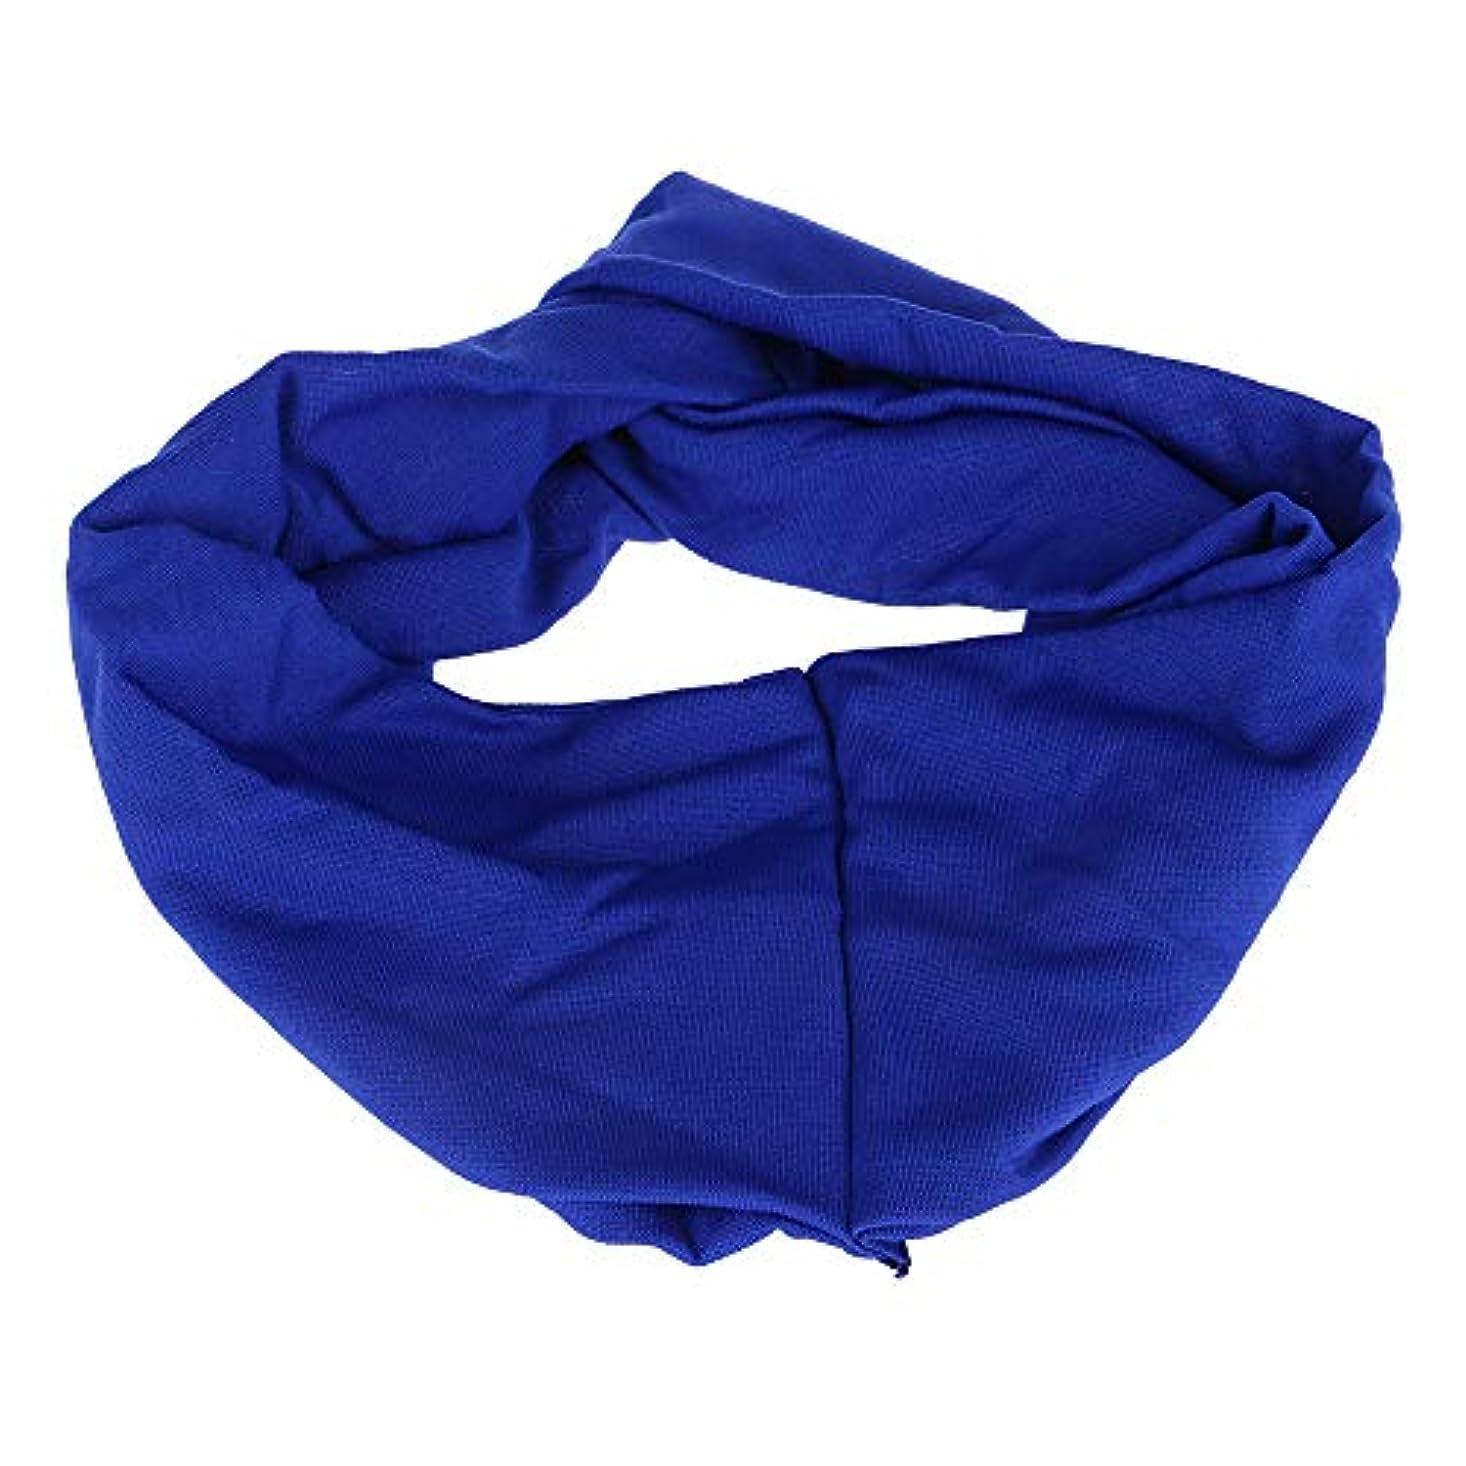 状生命体怒っている女子 ヘアリボン ワイドヘッドバンド キャンディーカラー ポリ+コットンブレンド スポーツ ブルー